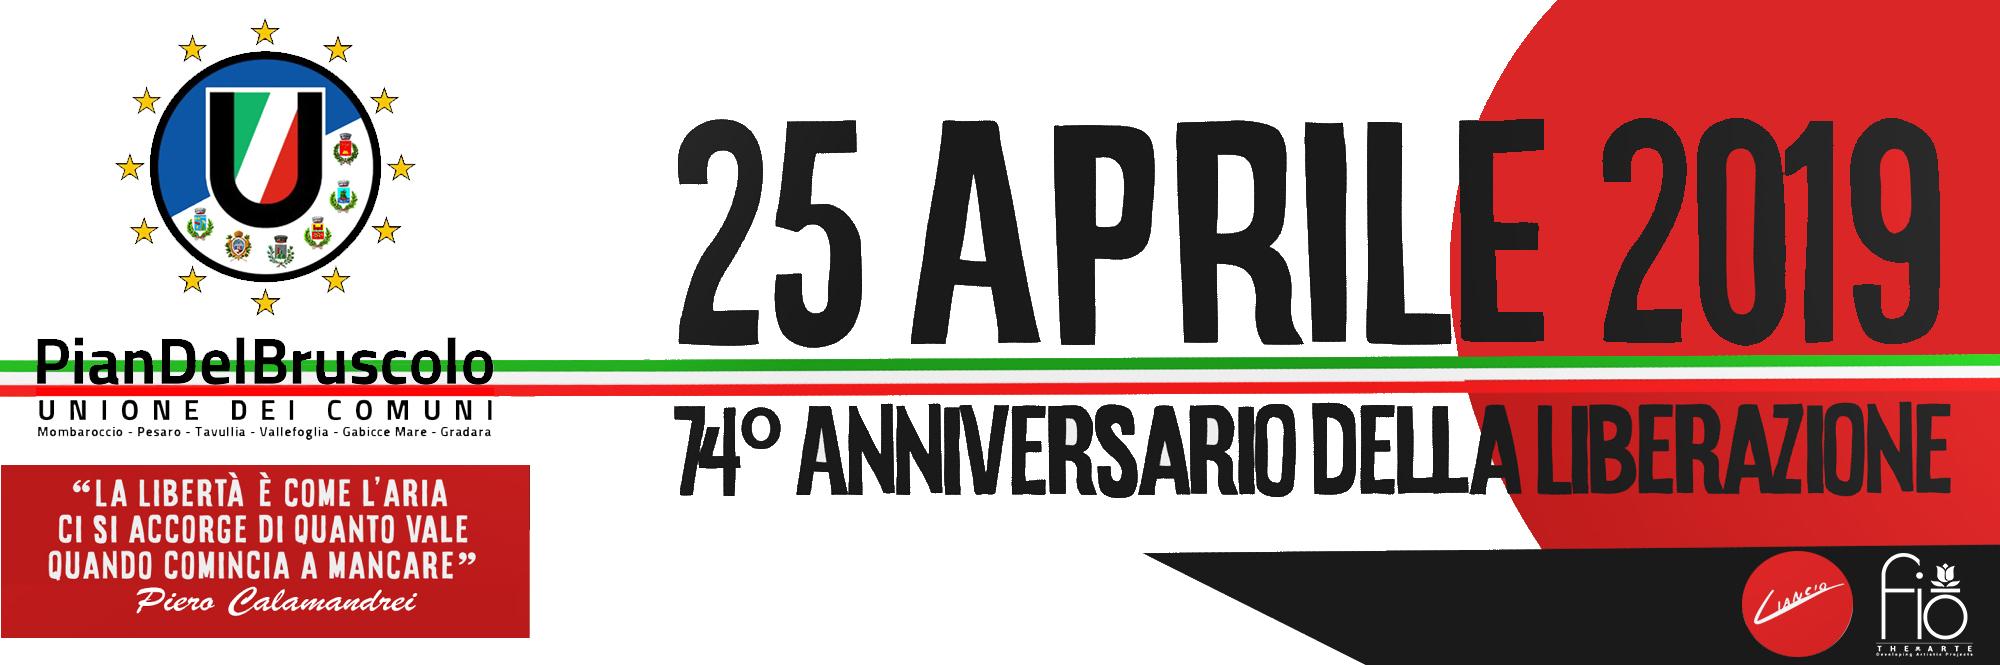 liberazione 25 aprile 2019